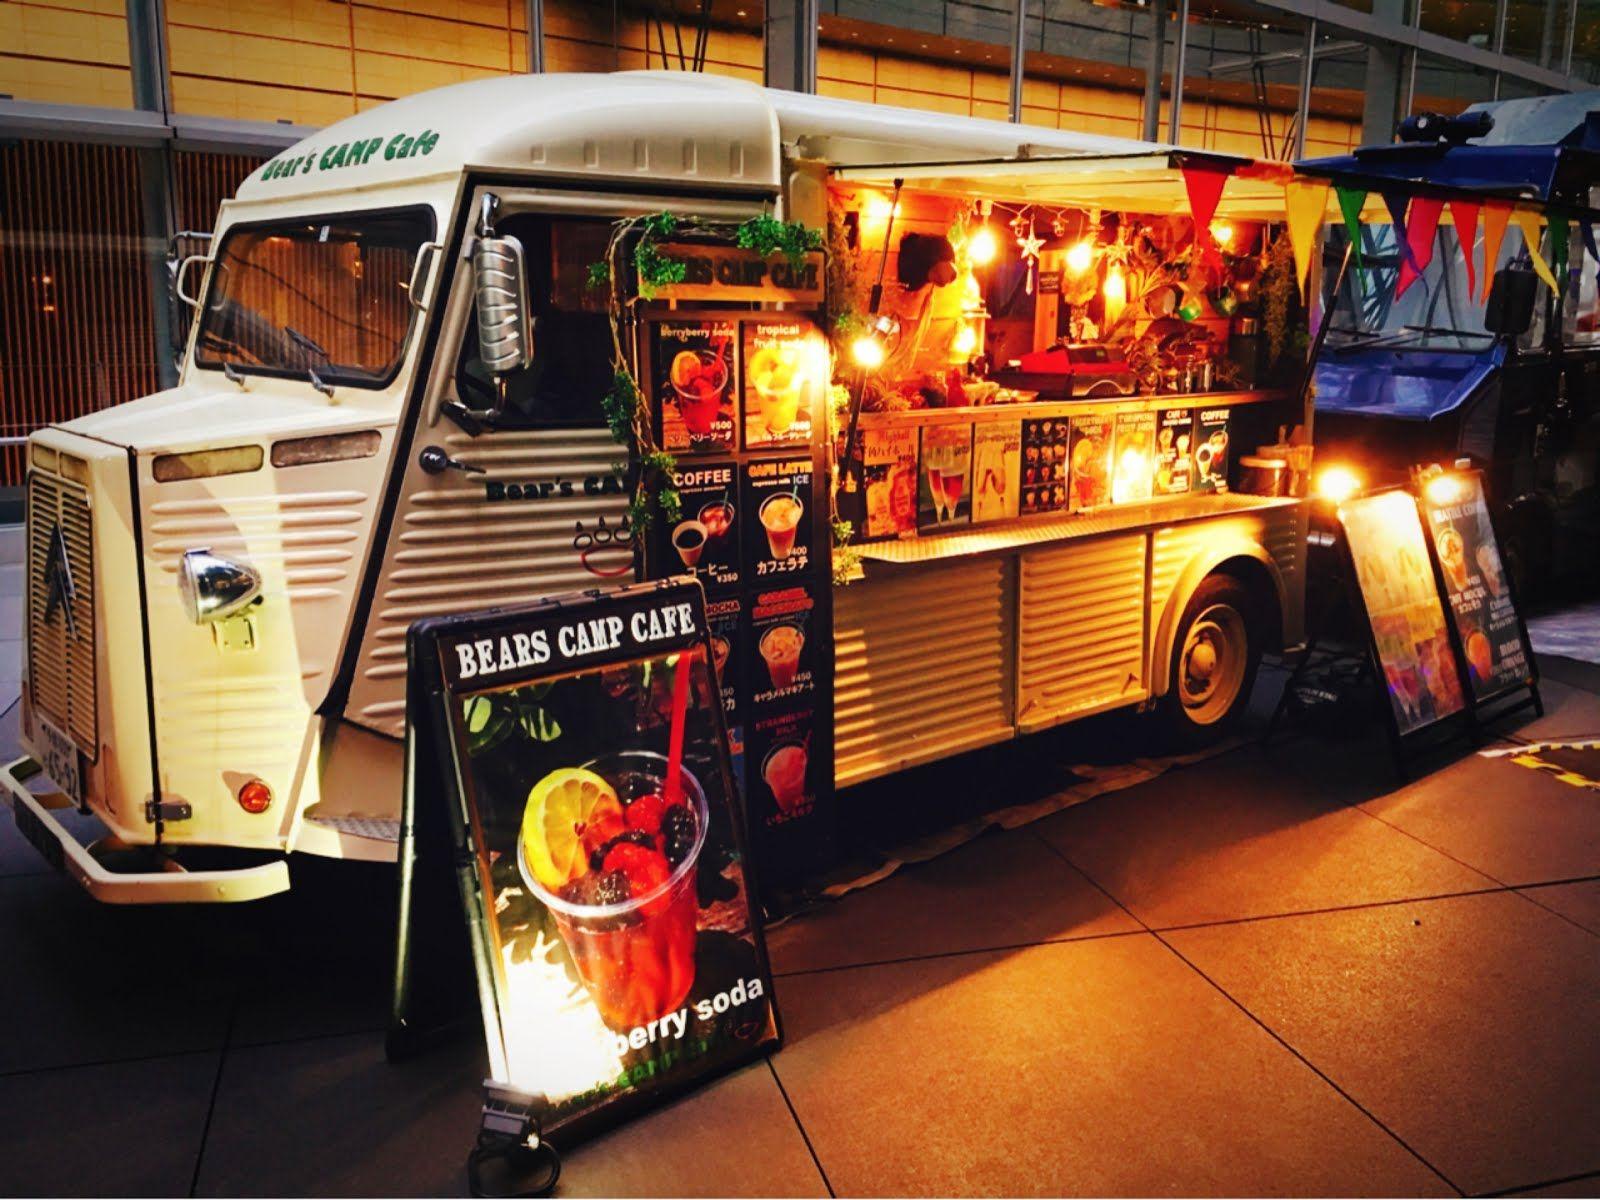 Bear S Camp Cafe 第4回全国高等学校日本大通りストリートダンスバトル フードトラック フードトラックのデザイン フードトラックメニュー